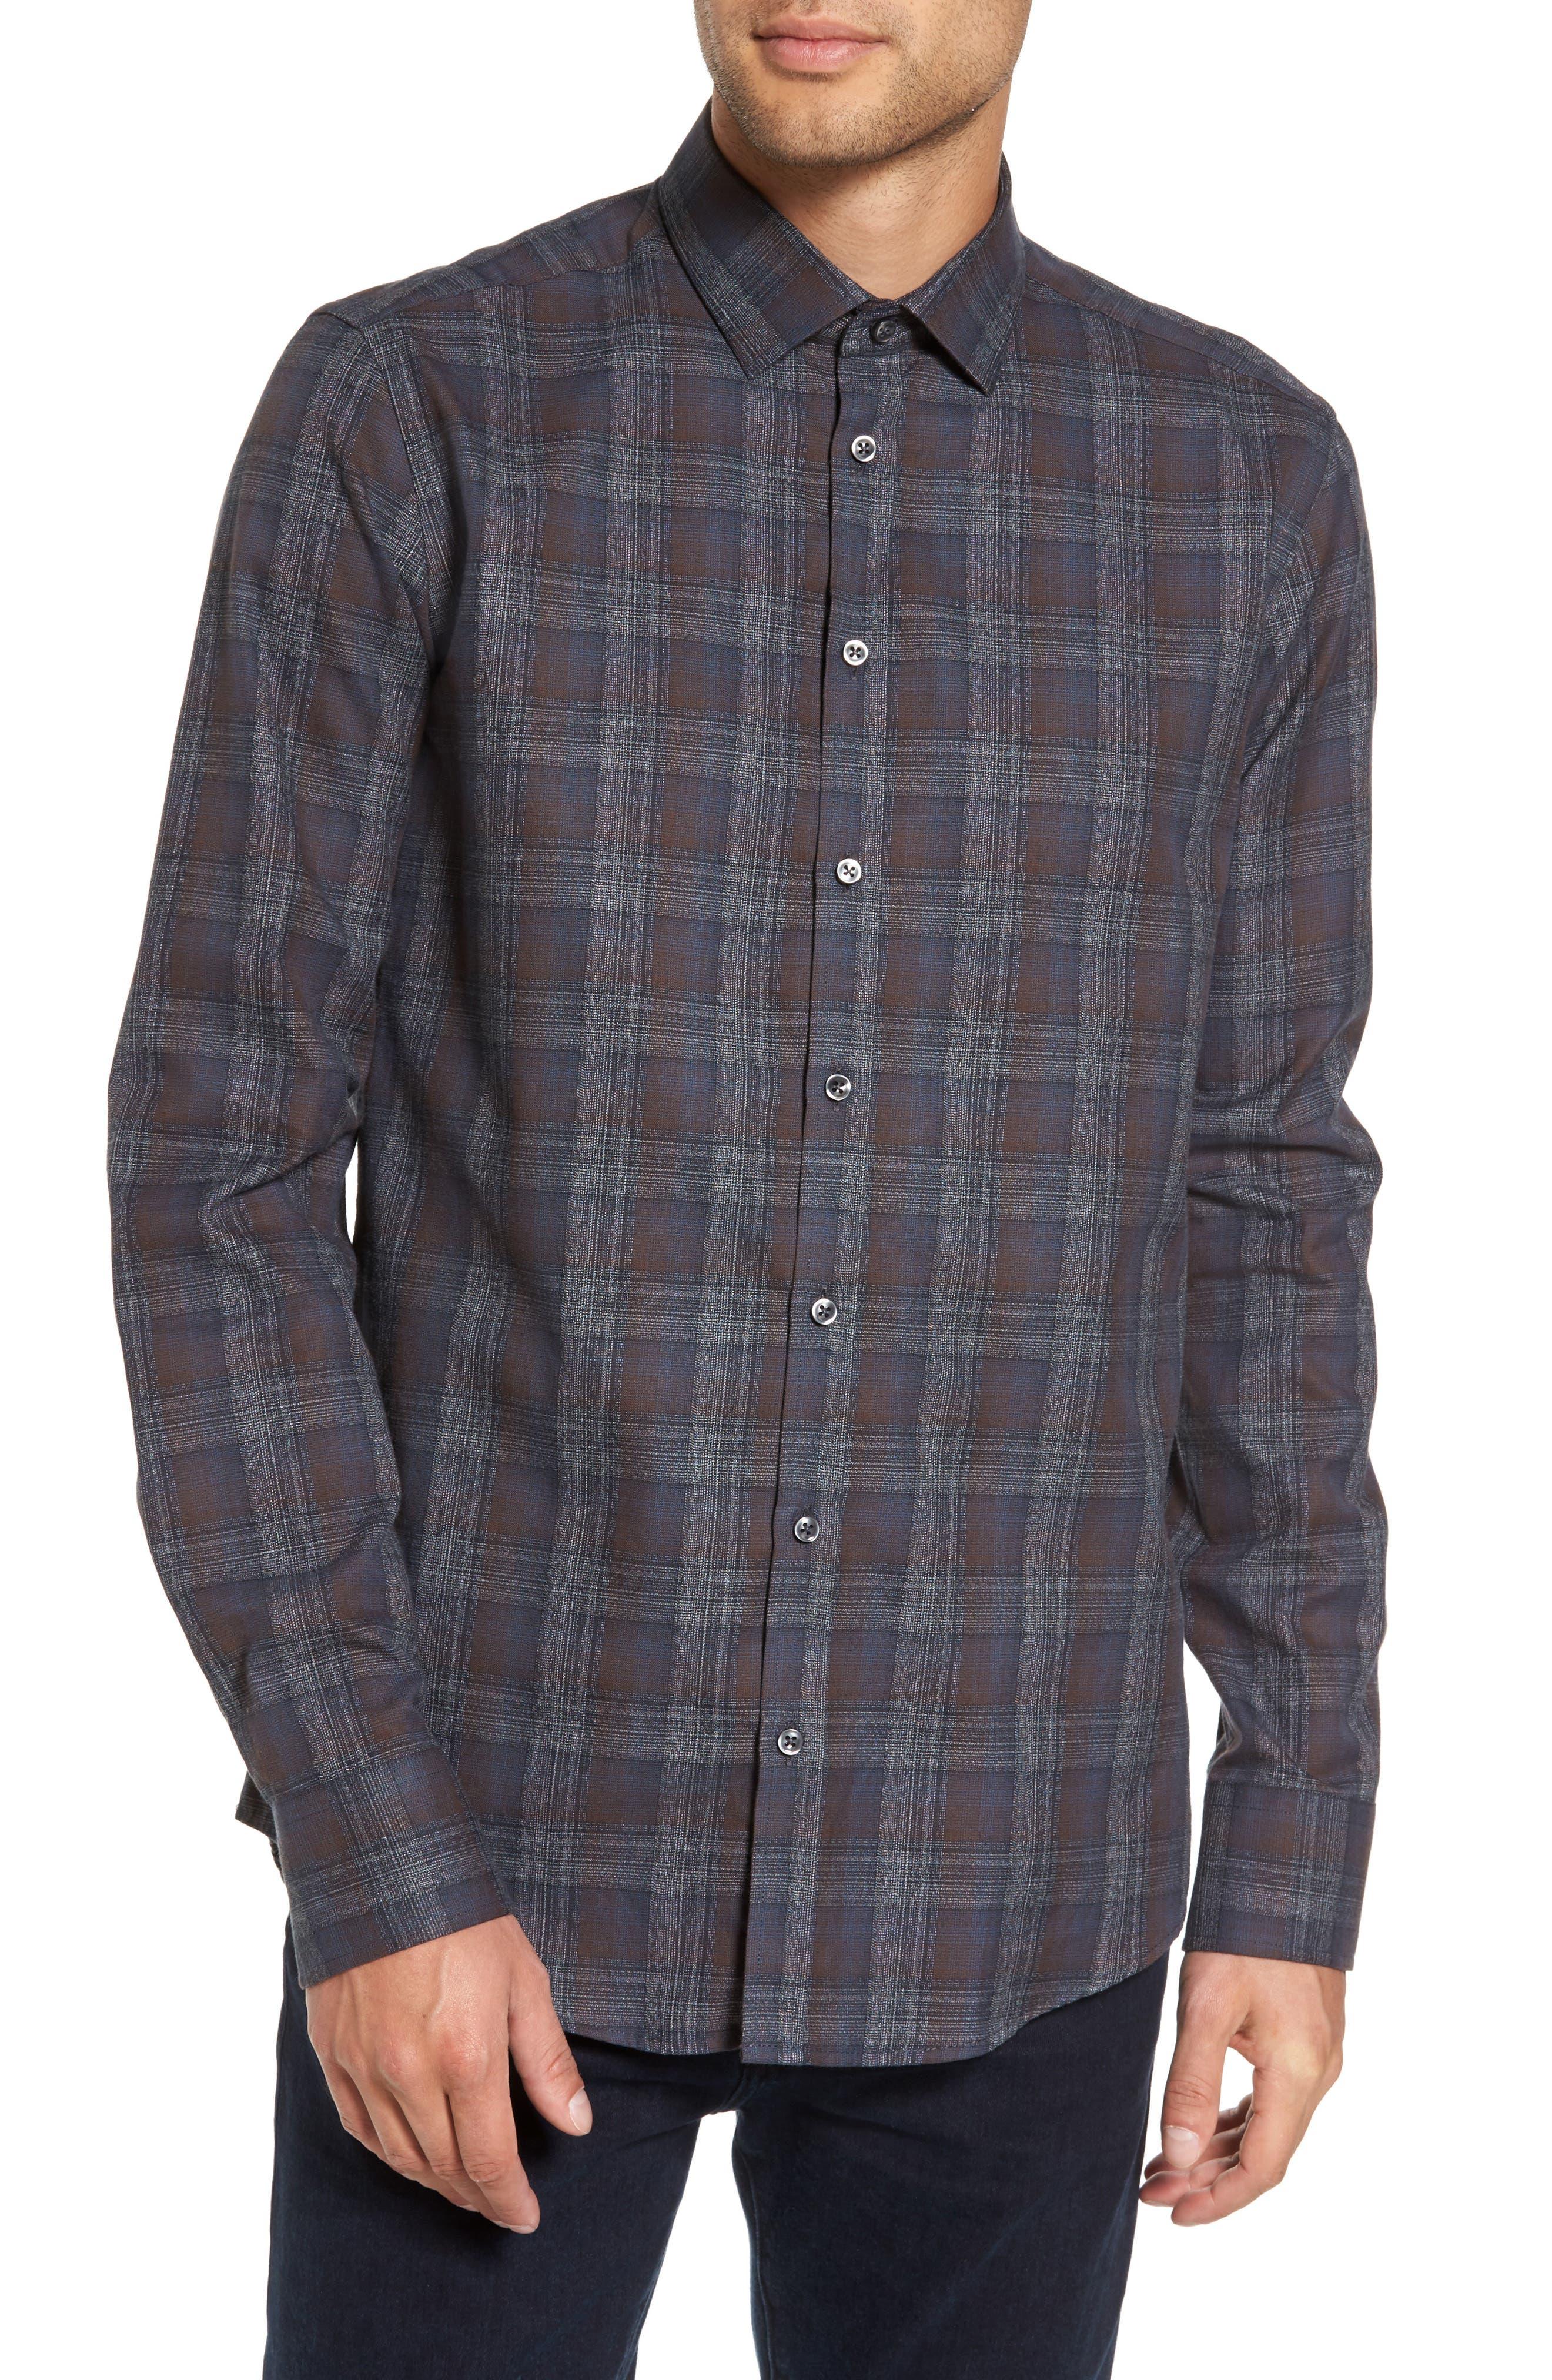 Trim Fit Plaid Sport Shirt,                         Main,                         color, 290 Brown Grey Plaid